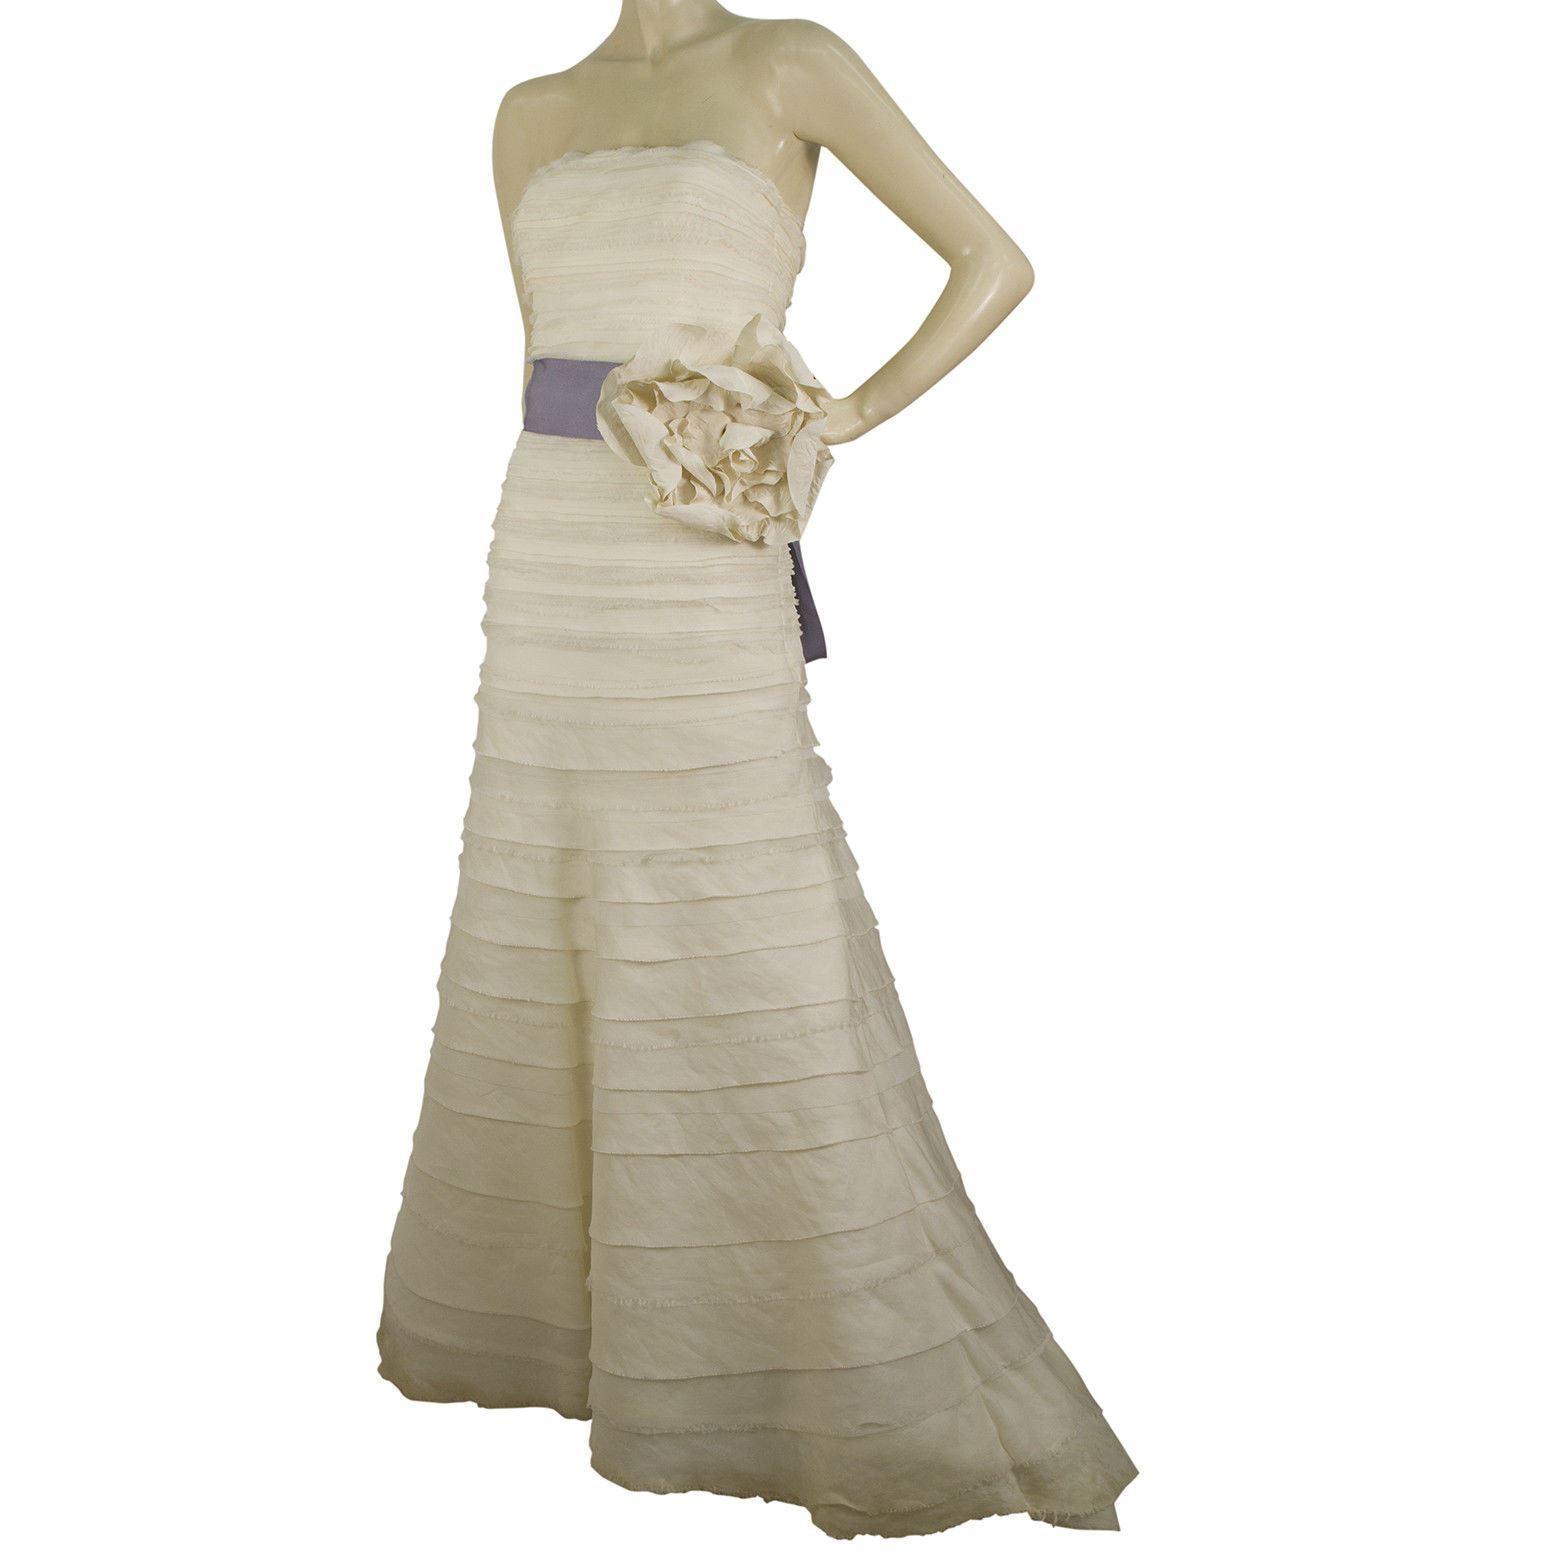 Vera Wang Silk Floor Length Bridal Wedding Gown Dress Strapless US 8 EU 42